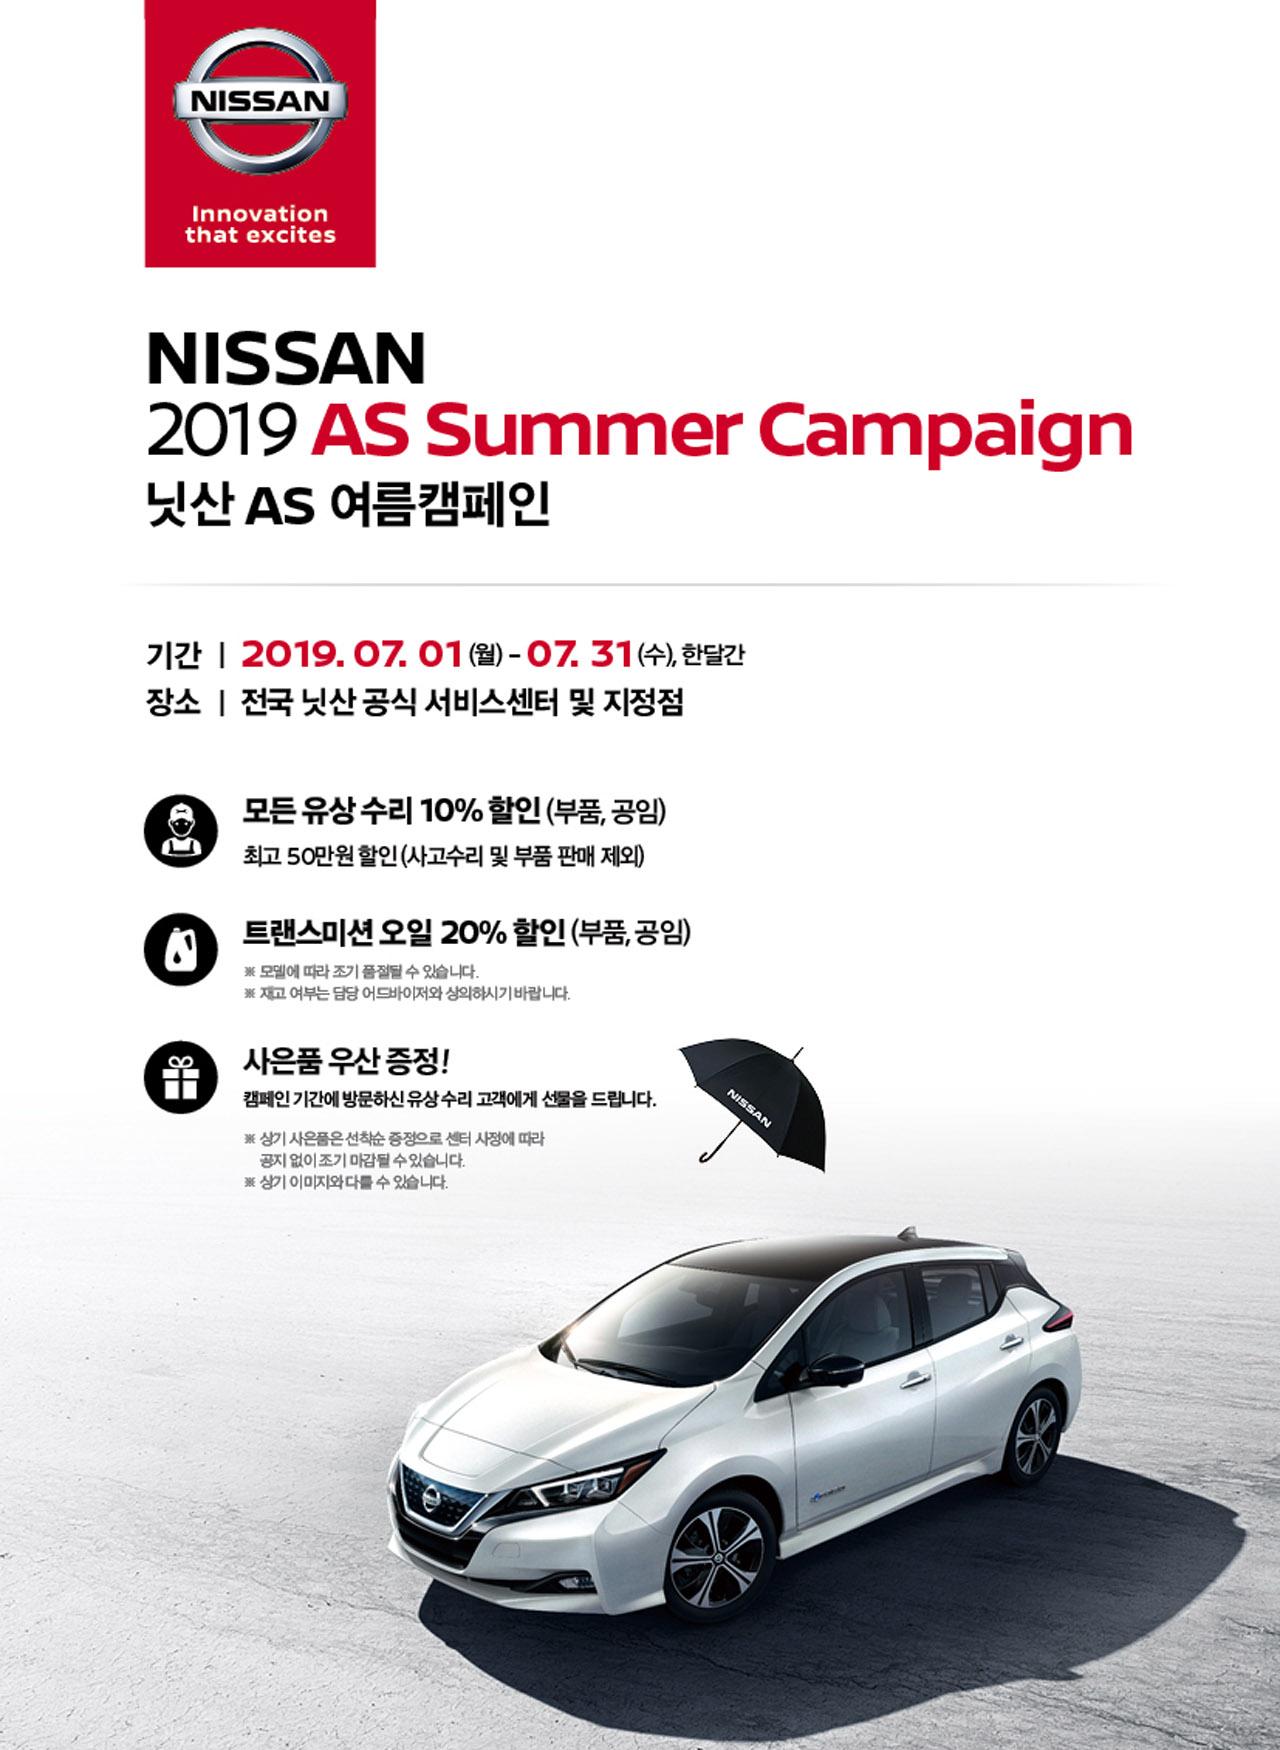 [사진자료] 한국닛산, 7월 한 달간 '2019 AS 썸머 캠페인' 및 특별 프로모션 실시